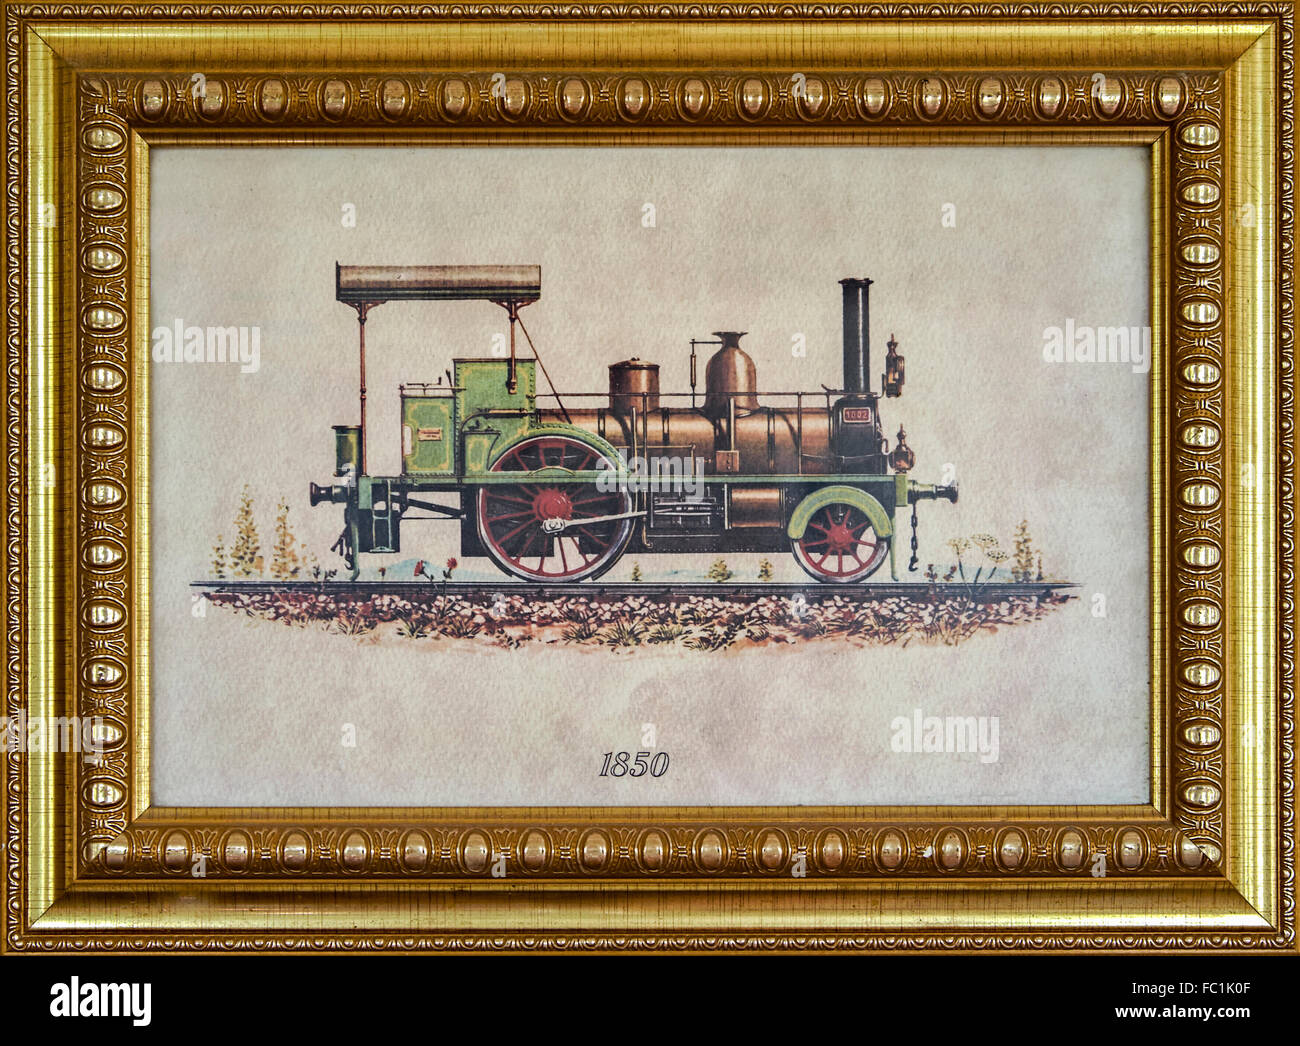 Vintage Gerahmte Gemälde eine 1850 amerikanische Dampflok Stockfoto ...